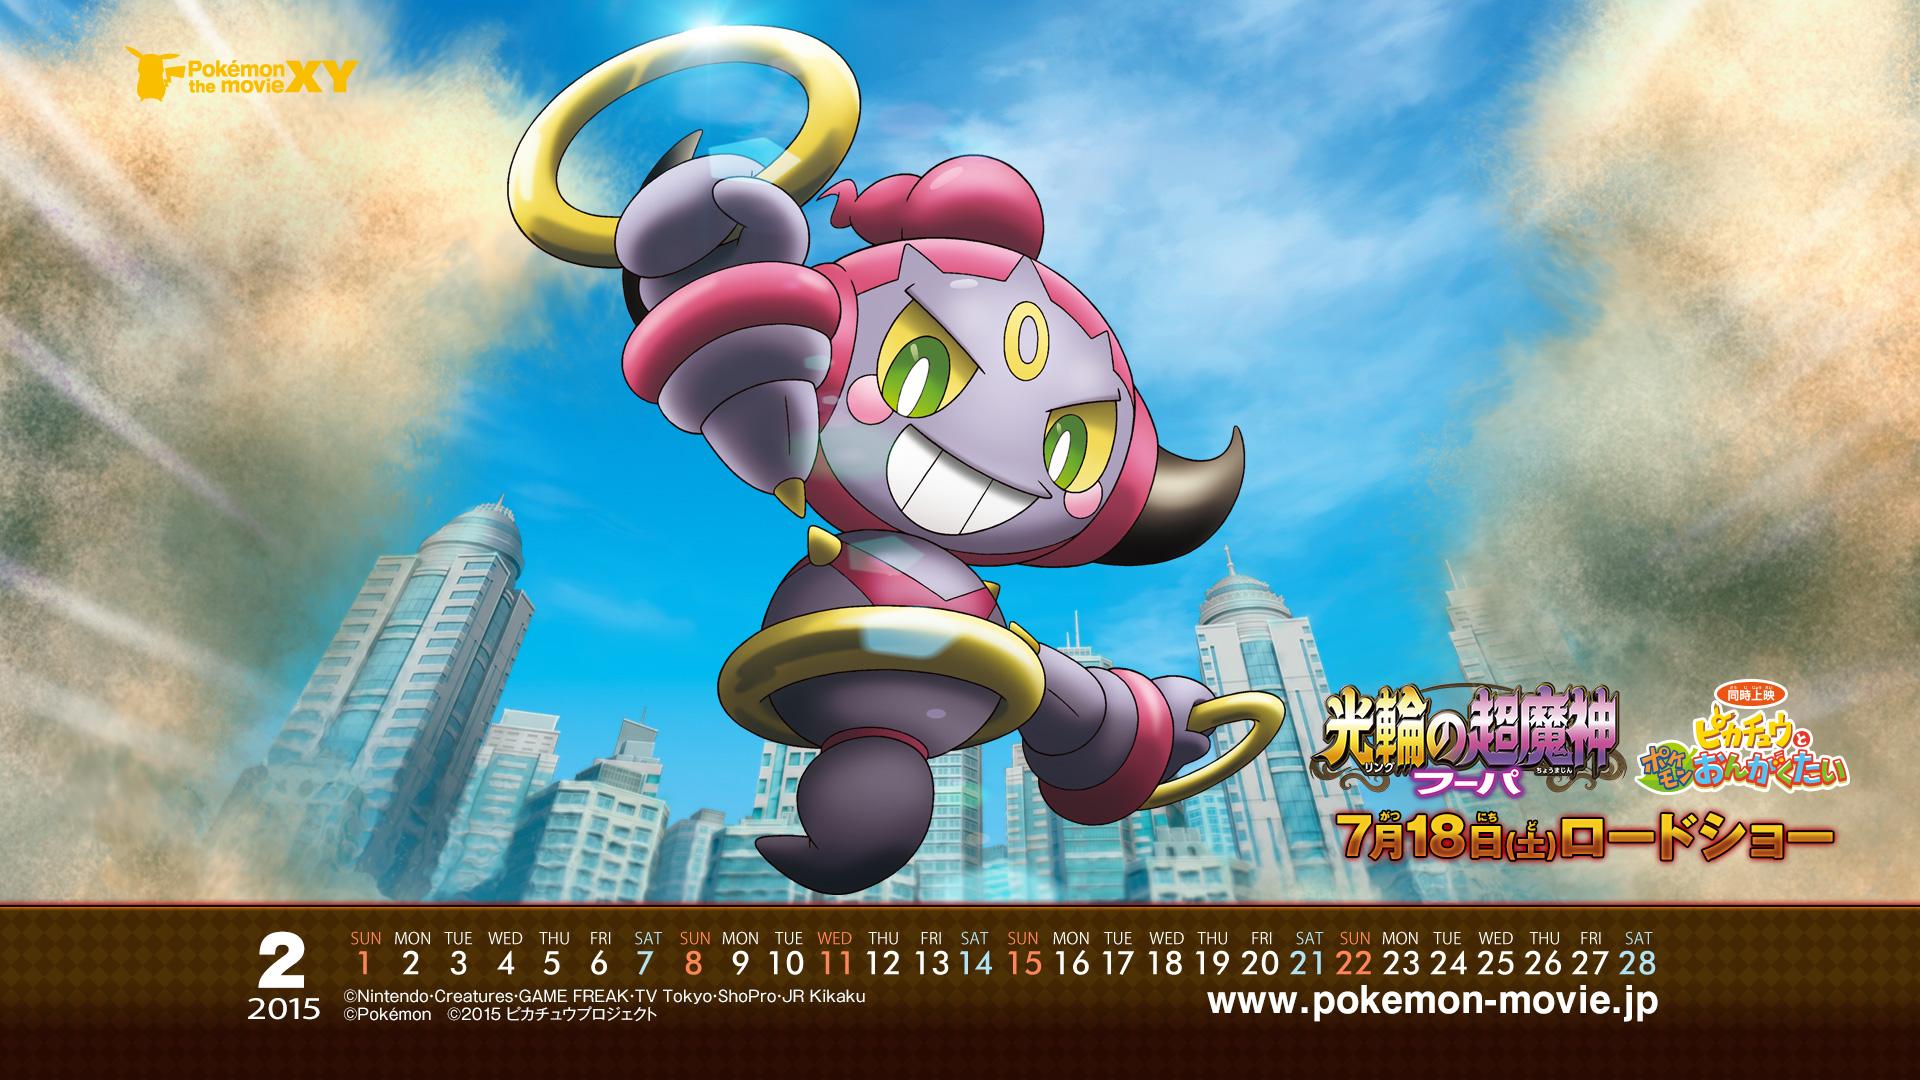 ポケモン カレンダー壁紙 2015年2月 ポケモン映画公式サイト ポケモン